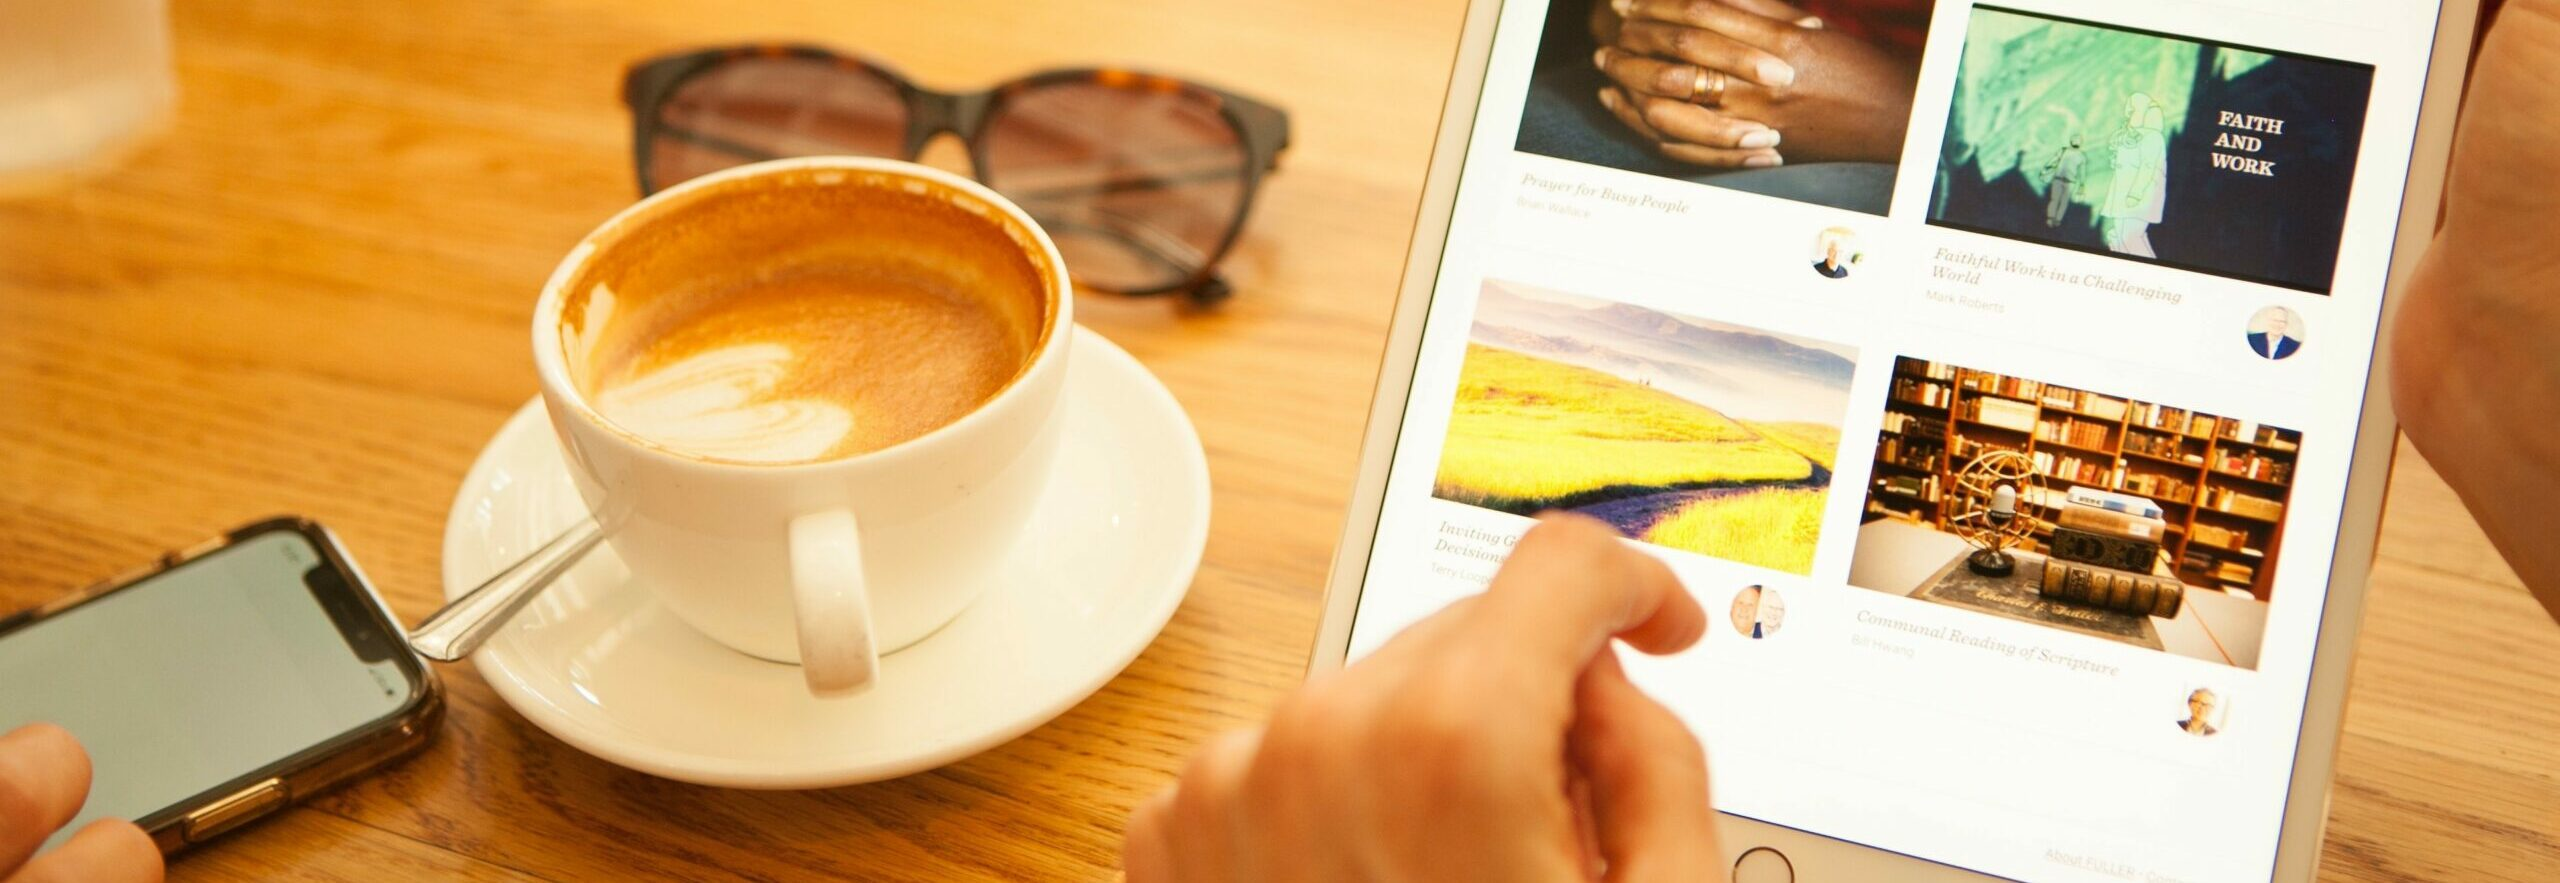 coffee and ipad